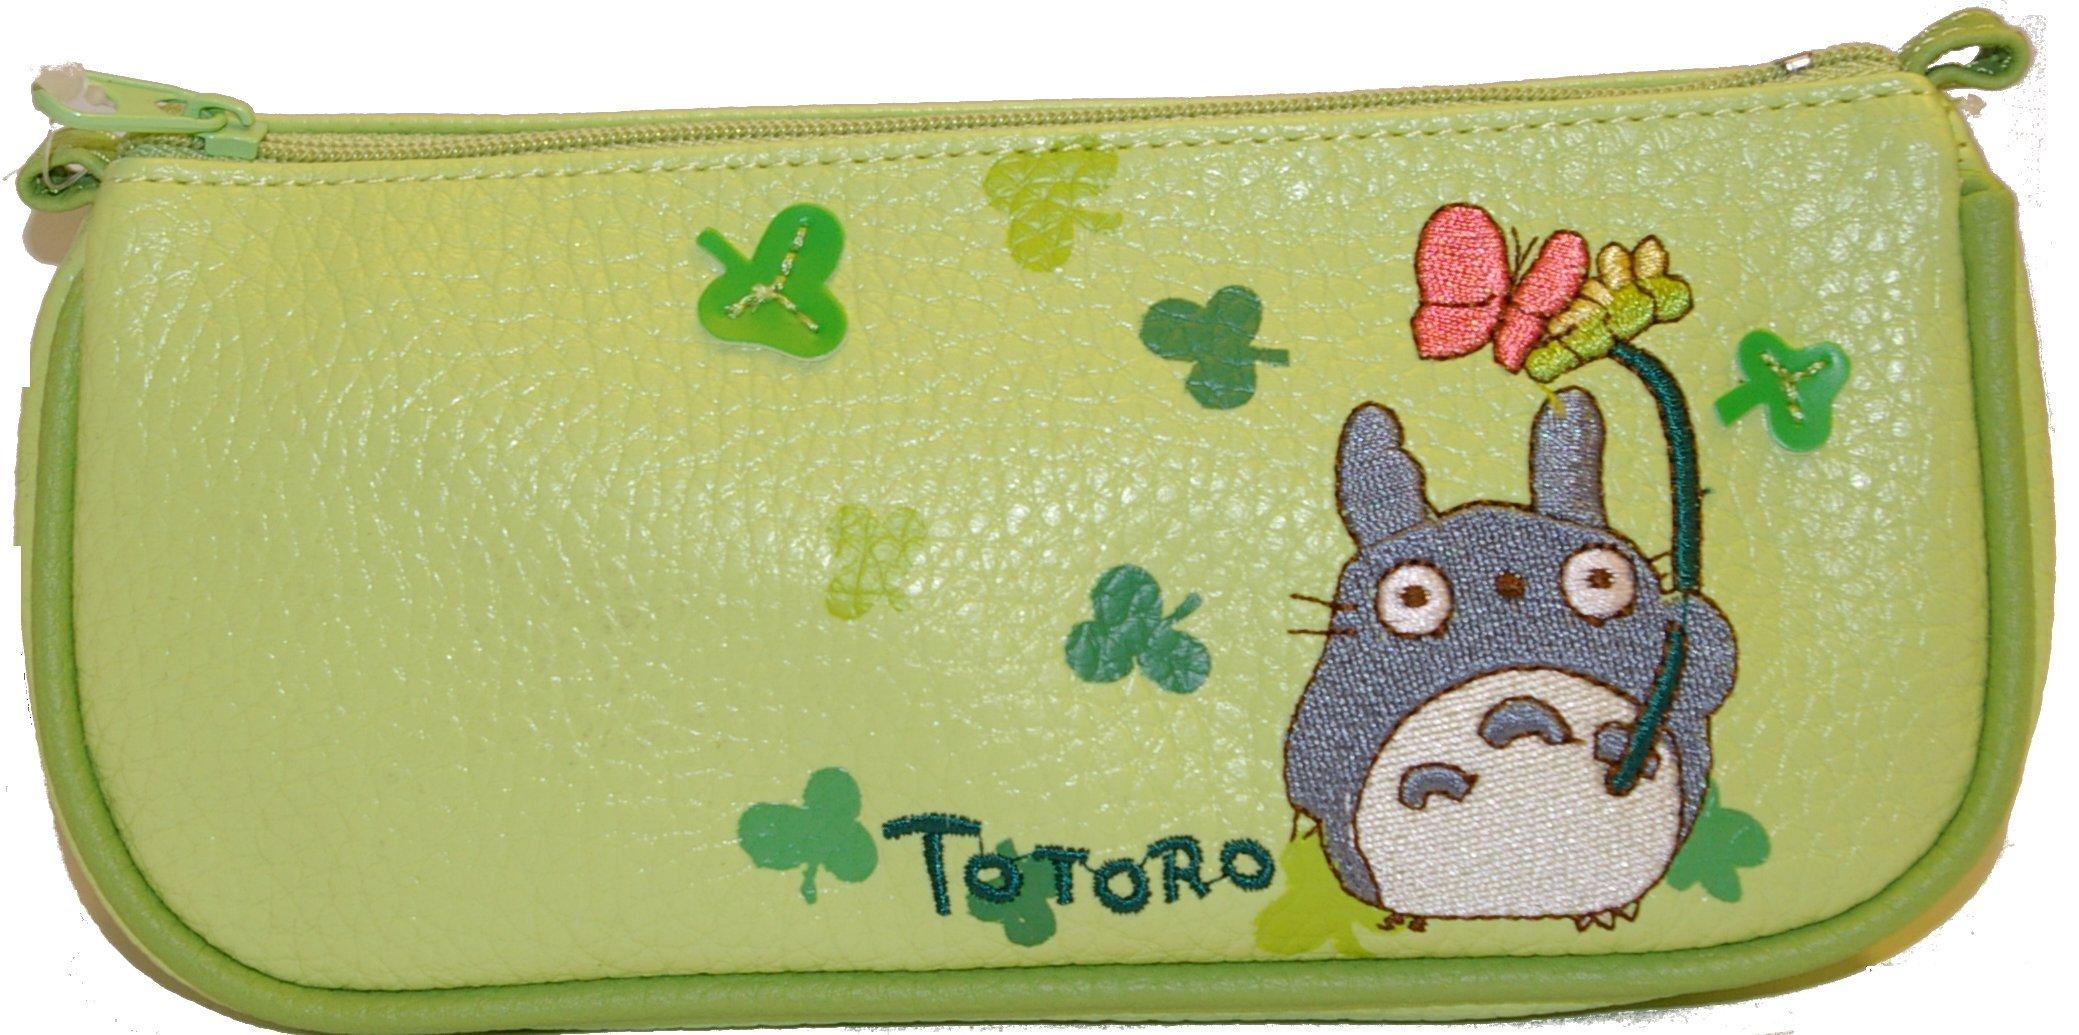 Face de la trousse Totoro